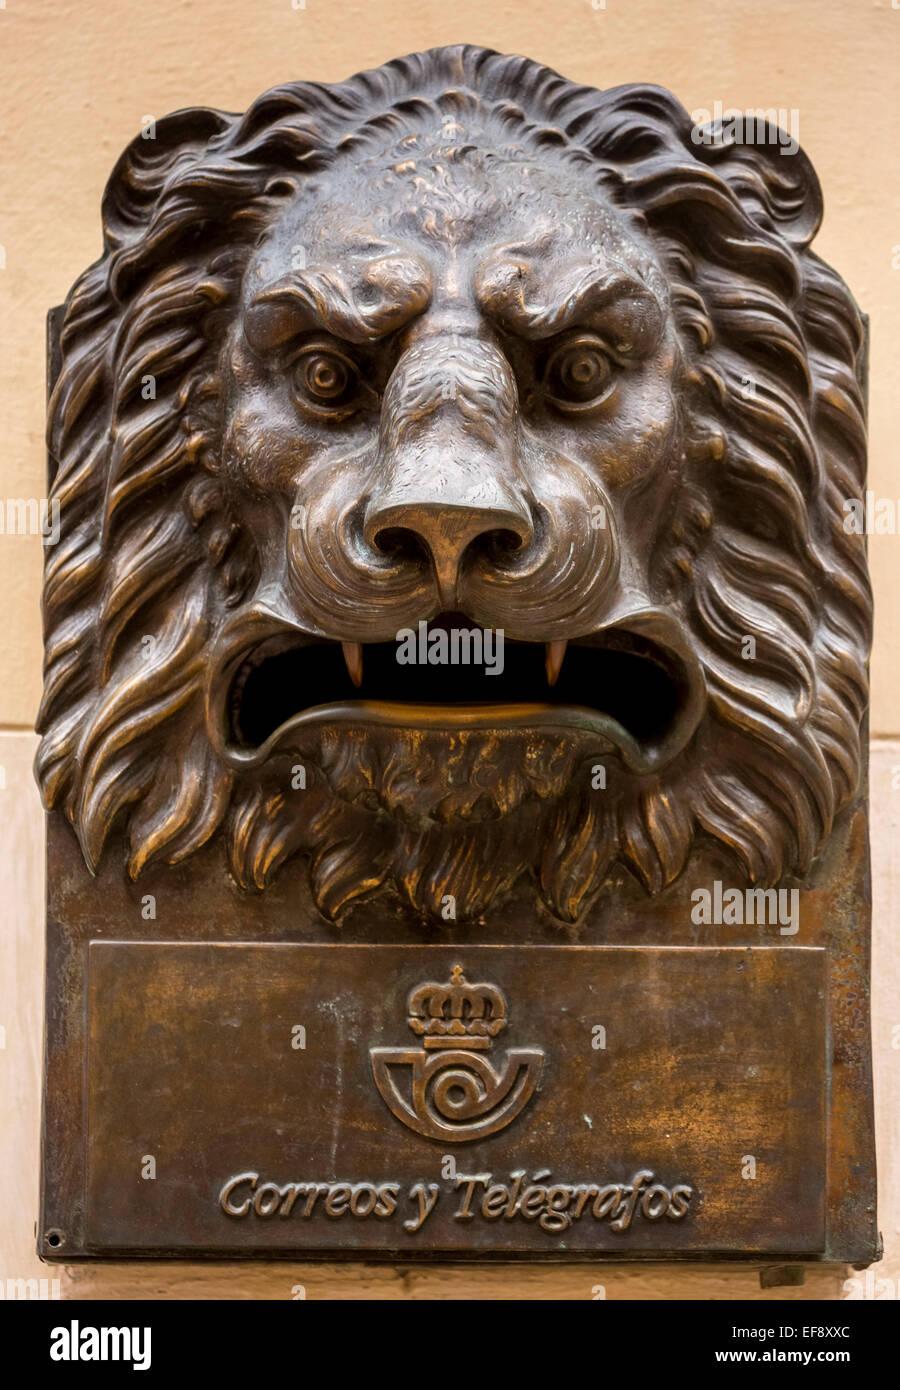 Bronze mailbox in form of a lion's head, Correos y Telegraficos, Havana, Cuba - Stock Image